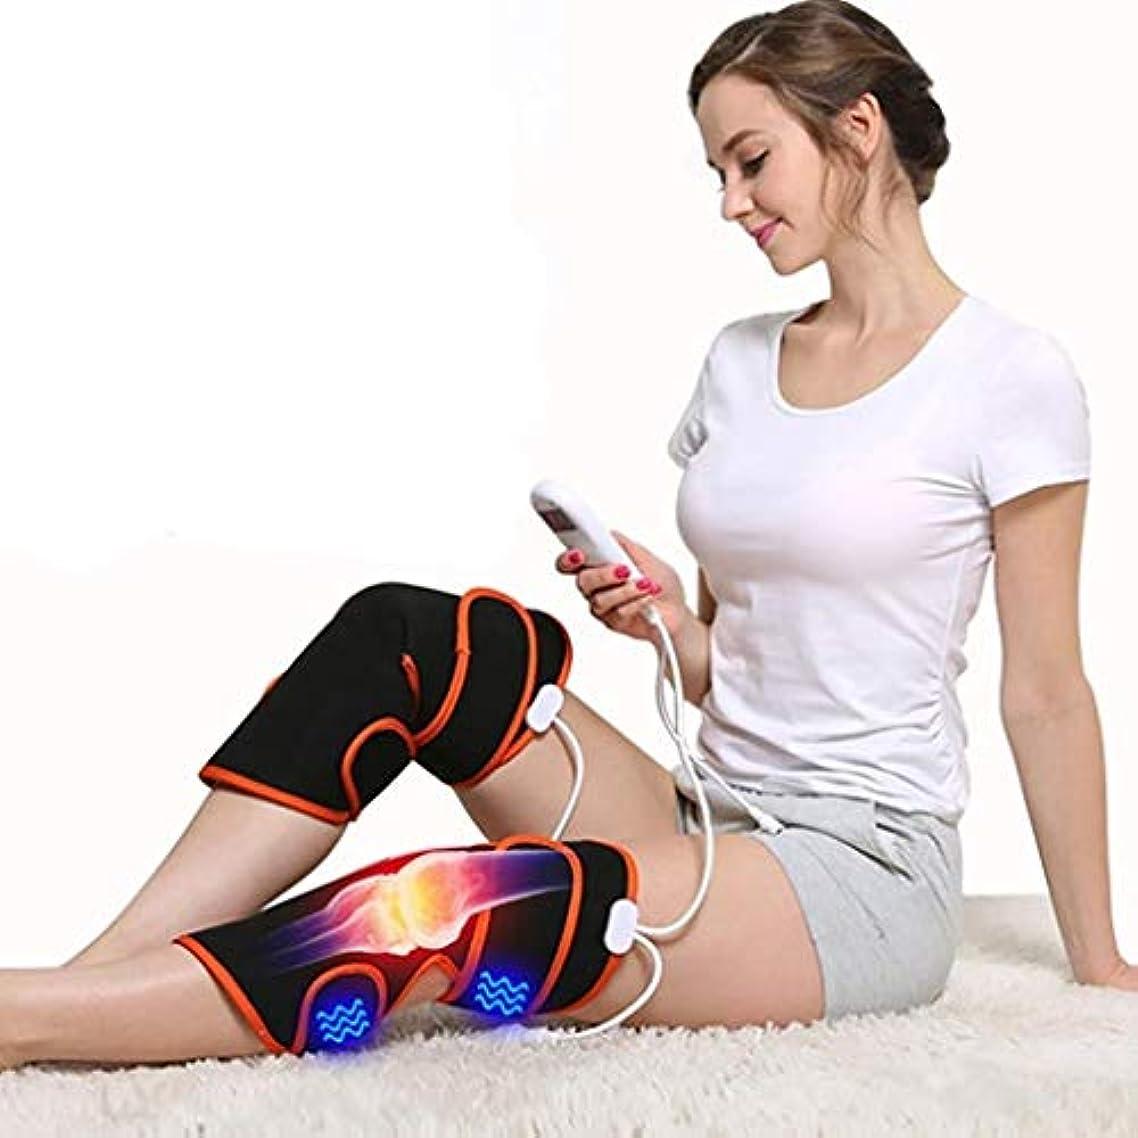 入場落ち着く秀でるレッグマッサージャー、膝用電熱パッド、9種類のマッサージモードと5種類の調整可能な温かい温熱療法